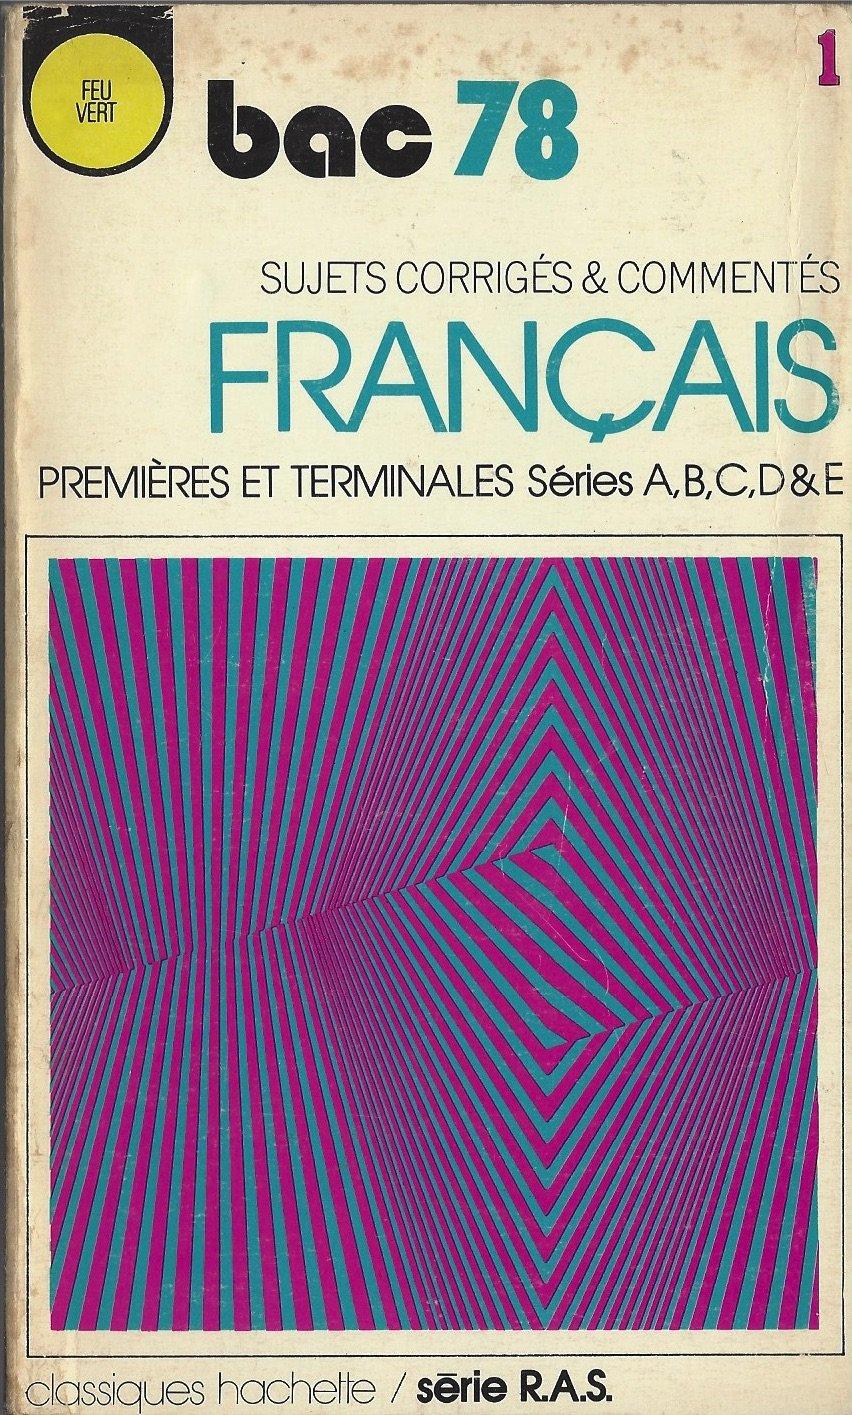 BAC 78, SUJETS CORRIGES § COMMENTES DE FRANCAIS, PREMIERES ET TERMINALES, SERIES A,B,C,D § E, CLASSIQUES HACHETTE/ SERIE RAS (French) Paperback – 1981